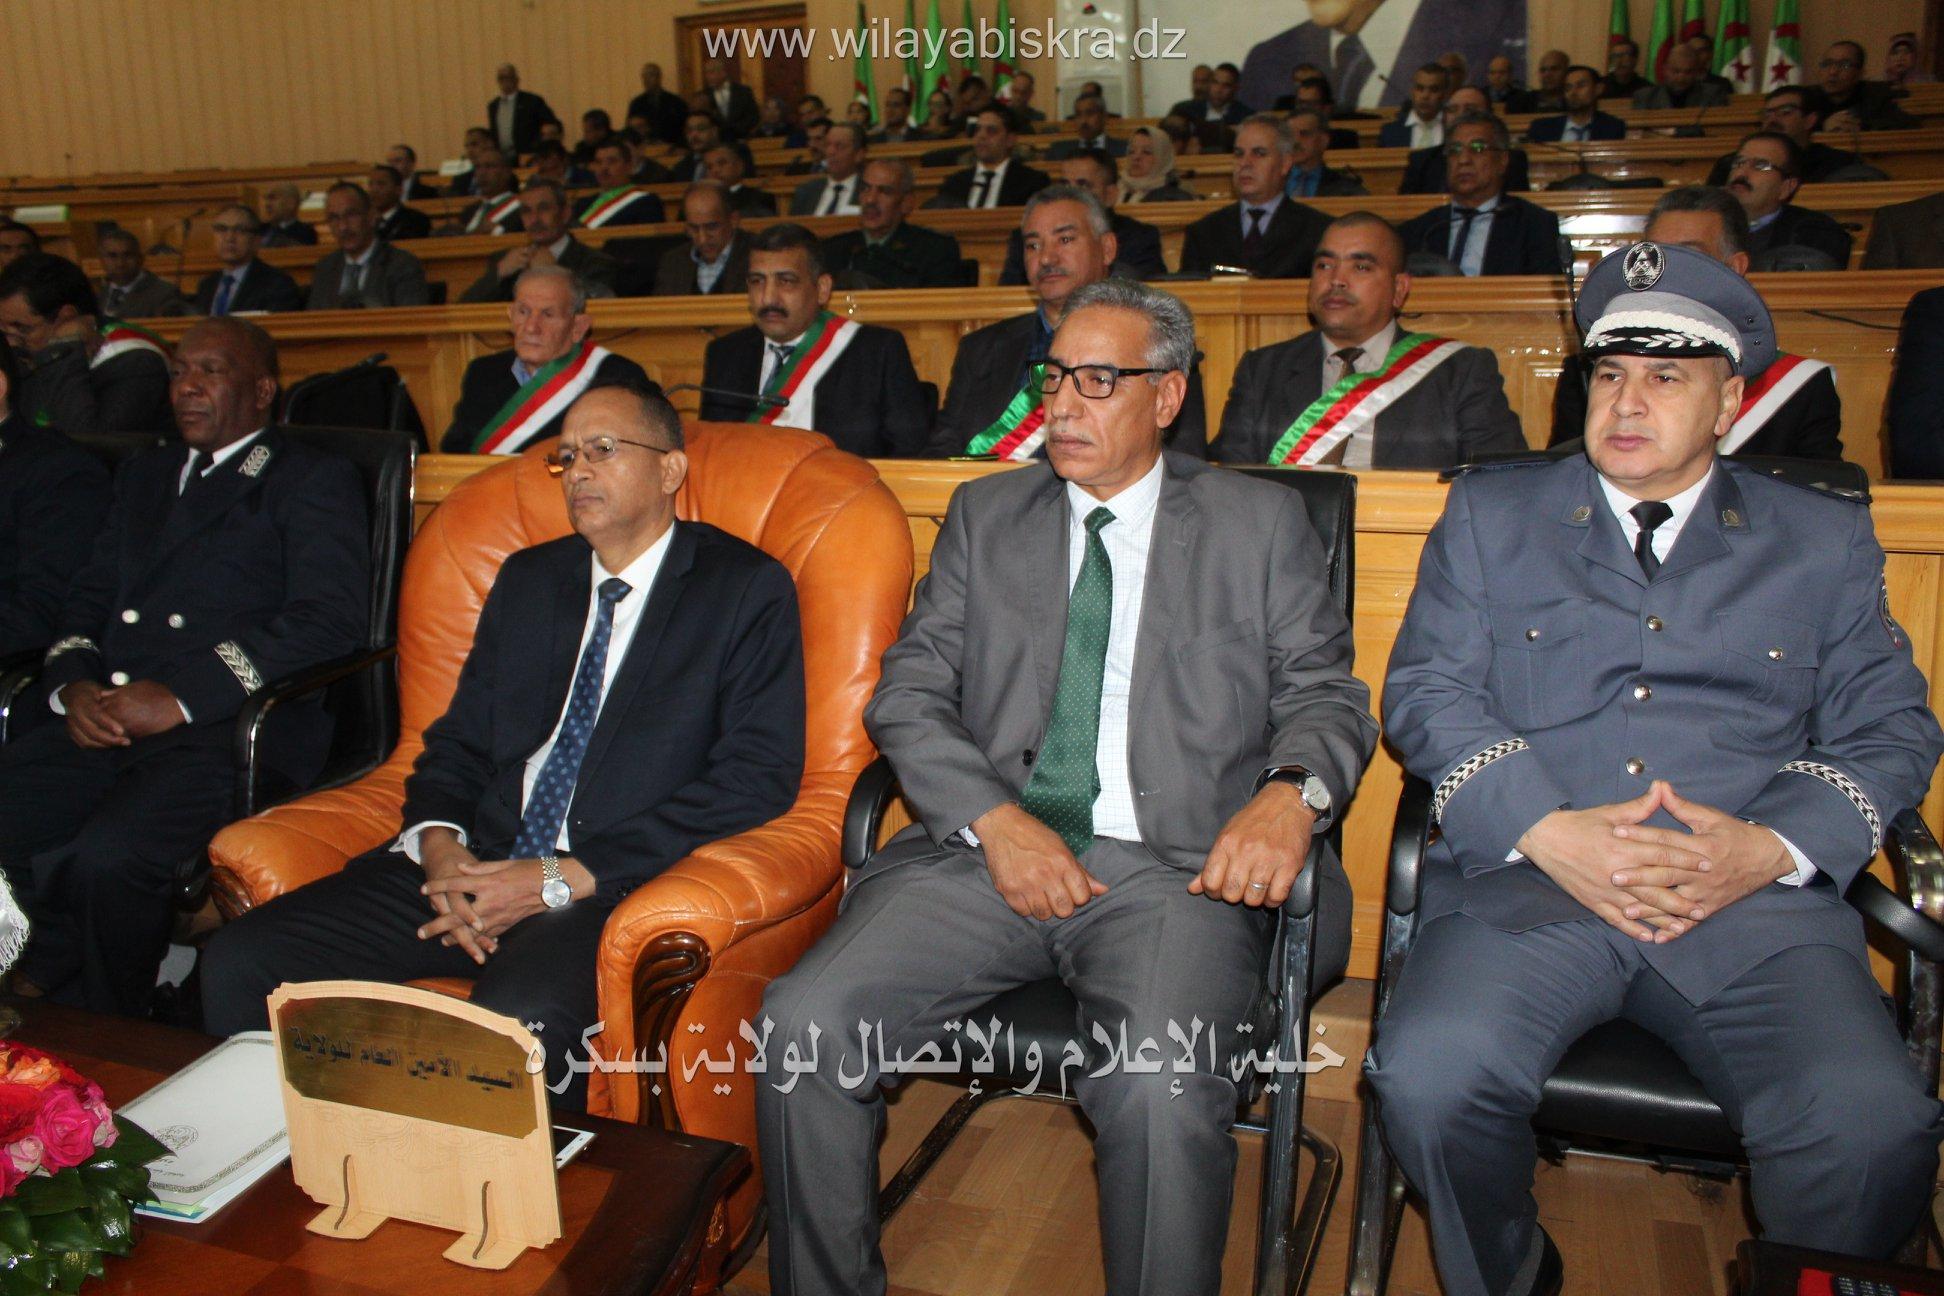 #لقاء_الحكومة_الولاة #Gouvernement_Walis انطلاق أشغال لقاء الحكومة – الولاة بالجزائر العاصمة